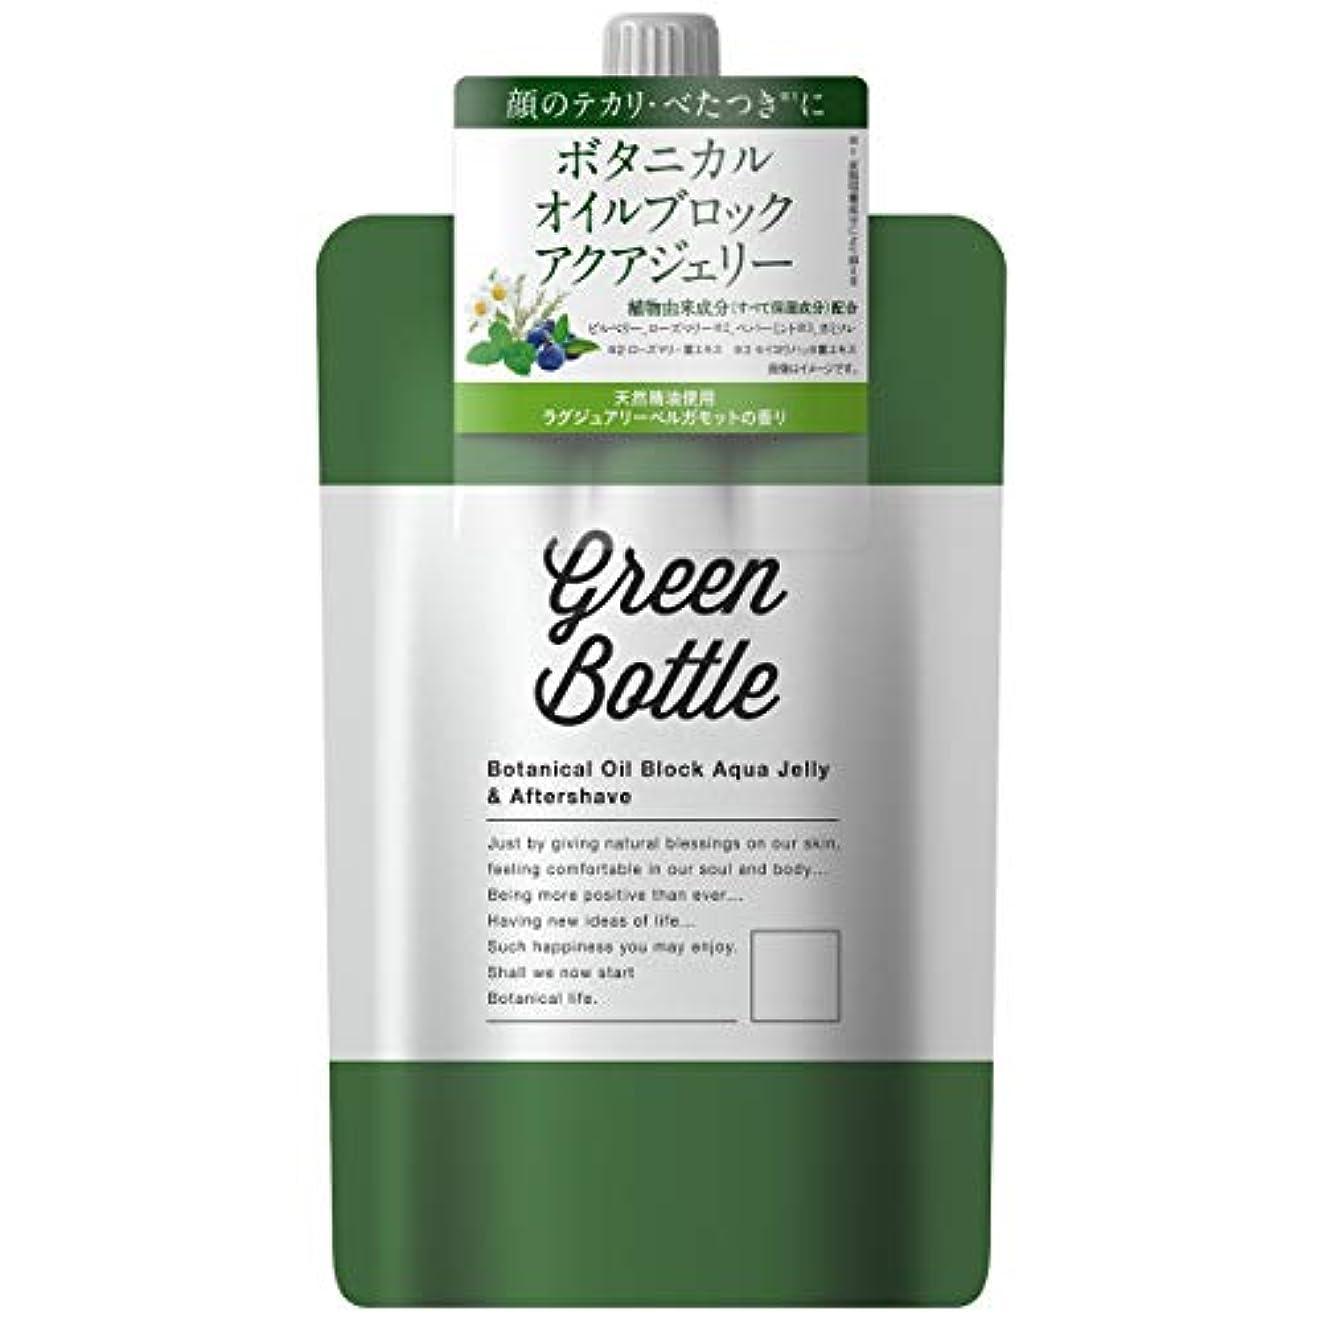 入手します回るエーカーグリーンボトルボタニカル グリーンボトル ボタニカルオイルブロックアクアジェリー 化粧水 ラグジュアリーベルガモットの香り 150g